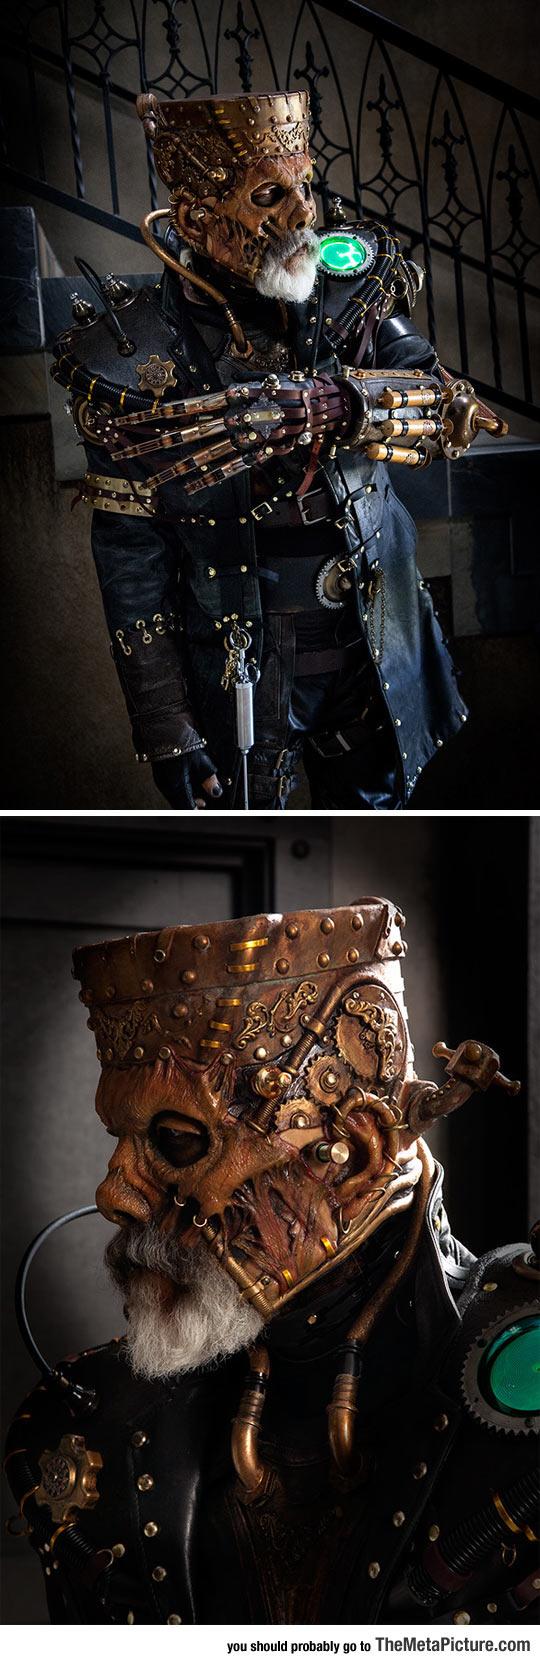 cosplay-steampunk-Frankenstein-makeup-costume